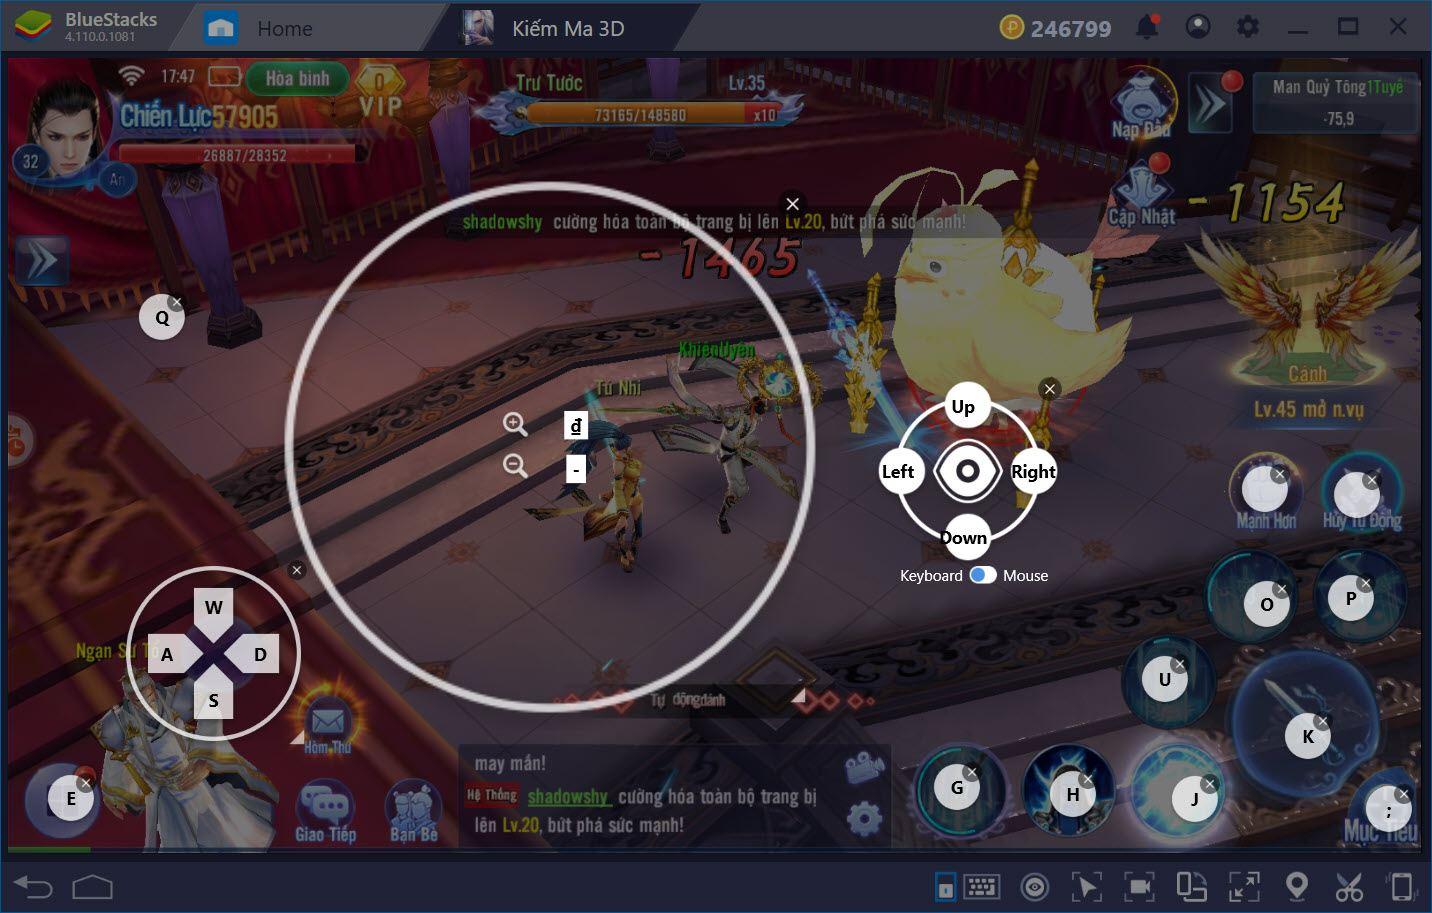 Thiết lập Game Controls để chơi Kiếm Ma 3D tối ưu với BlueStacks